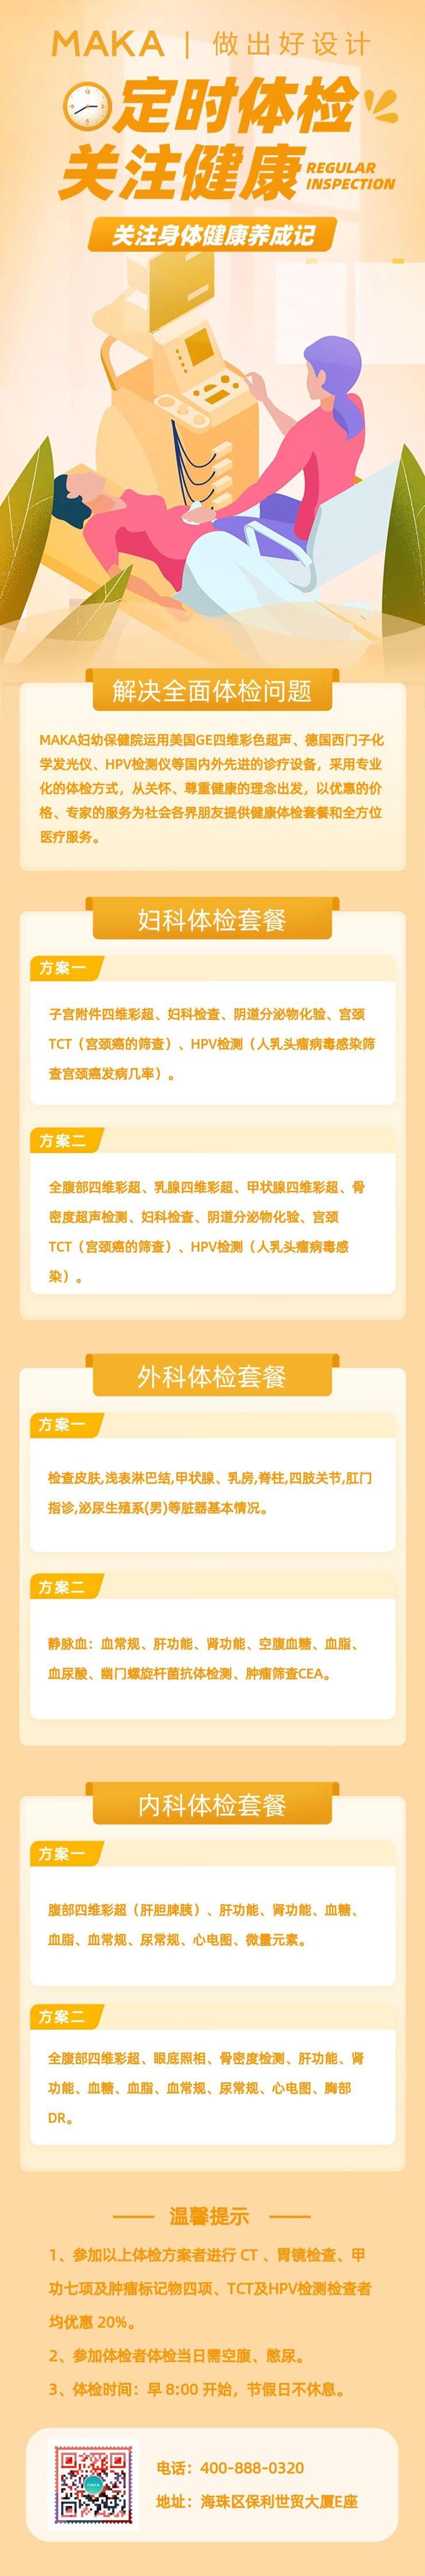 黄色温馨风格预约查体医疗体检文章长图